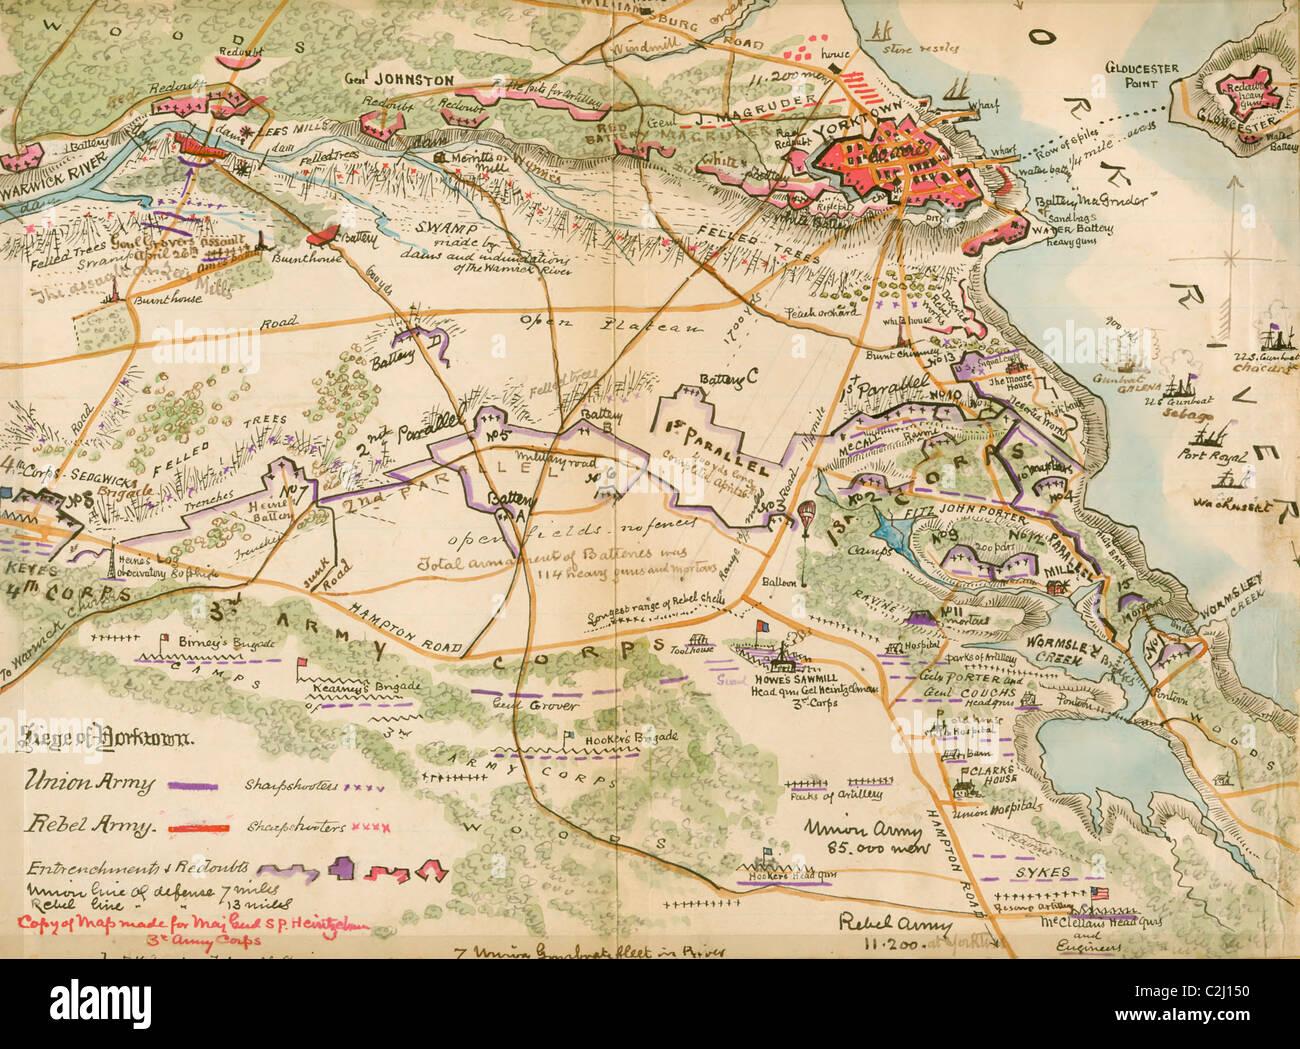 Siege of Yorktown, Virginia - Stock Image